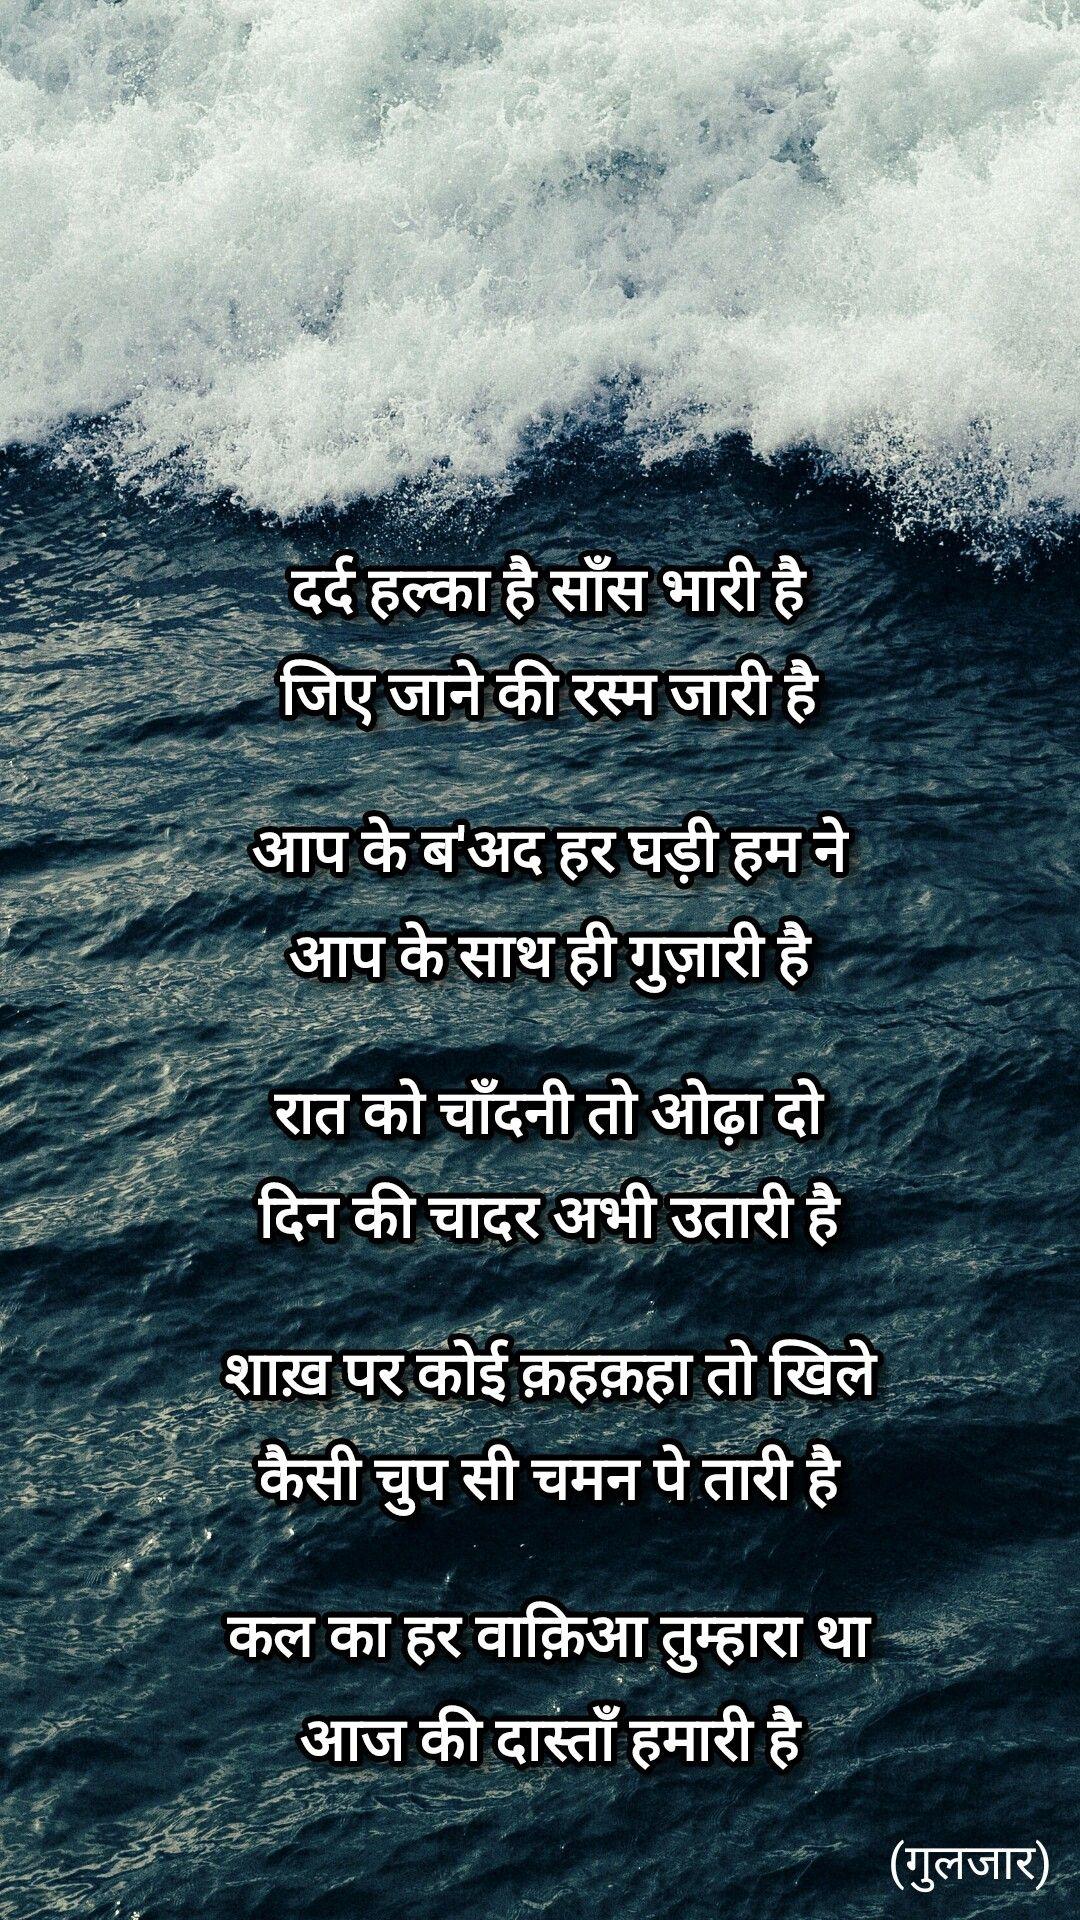 Poem Gulzaar sahab legend poem gulzarsahab hindi Urdu